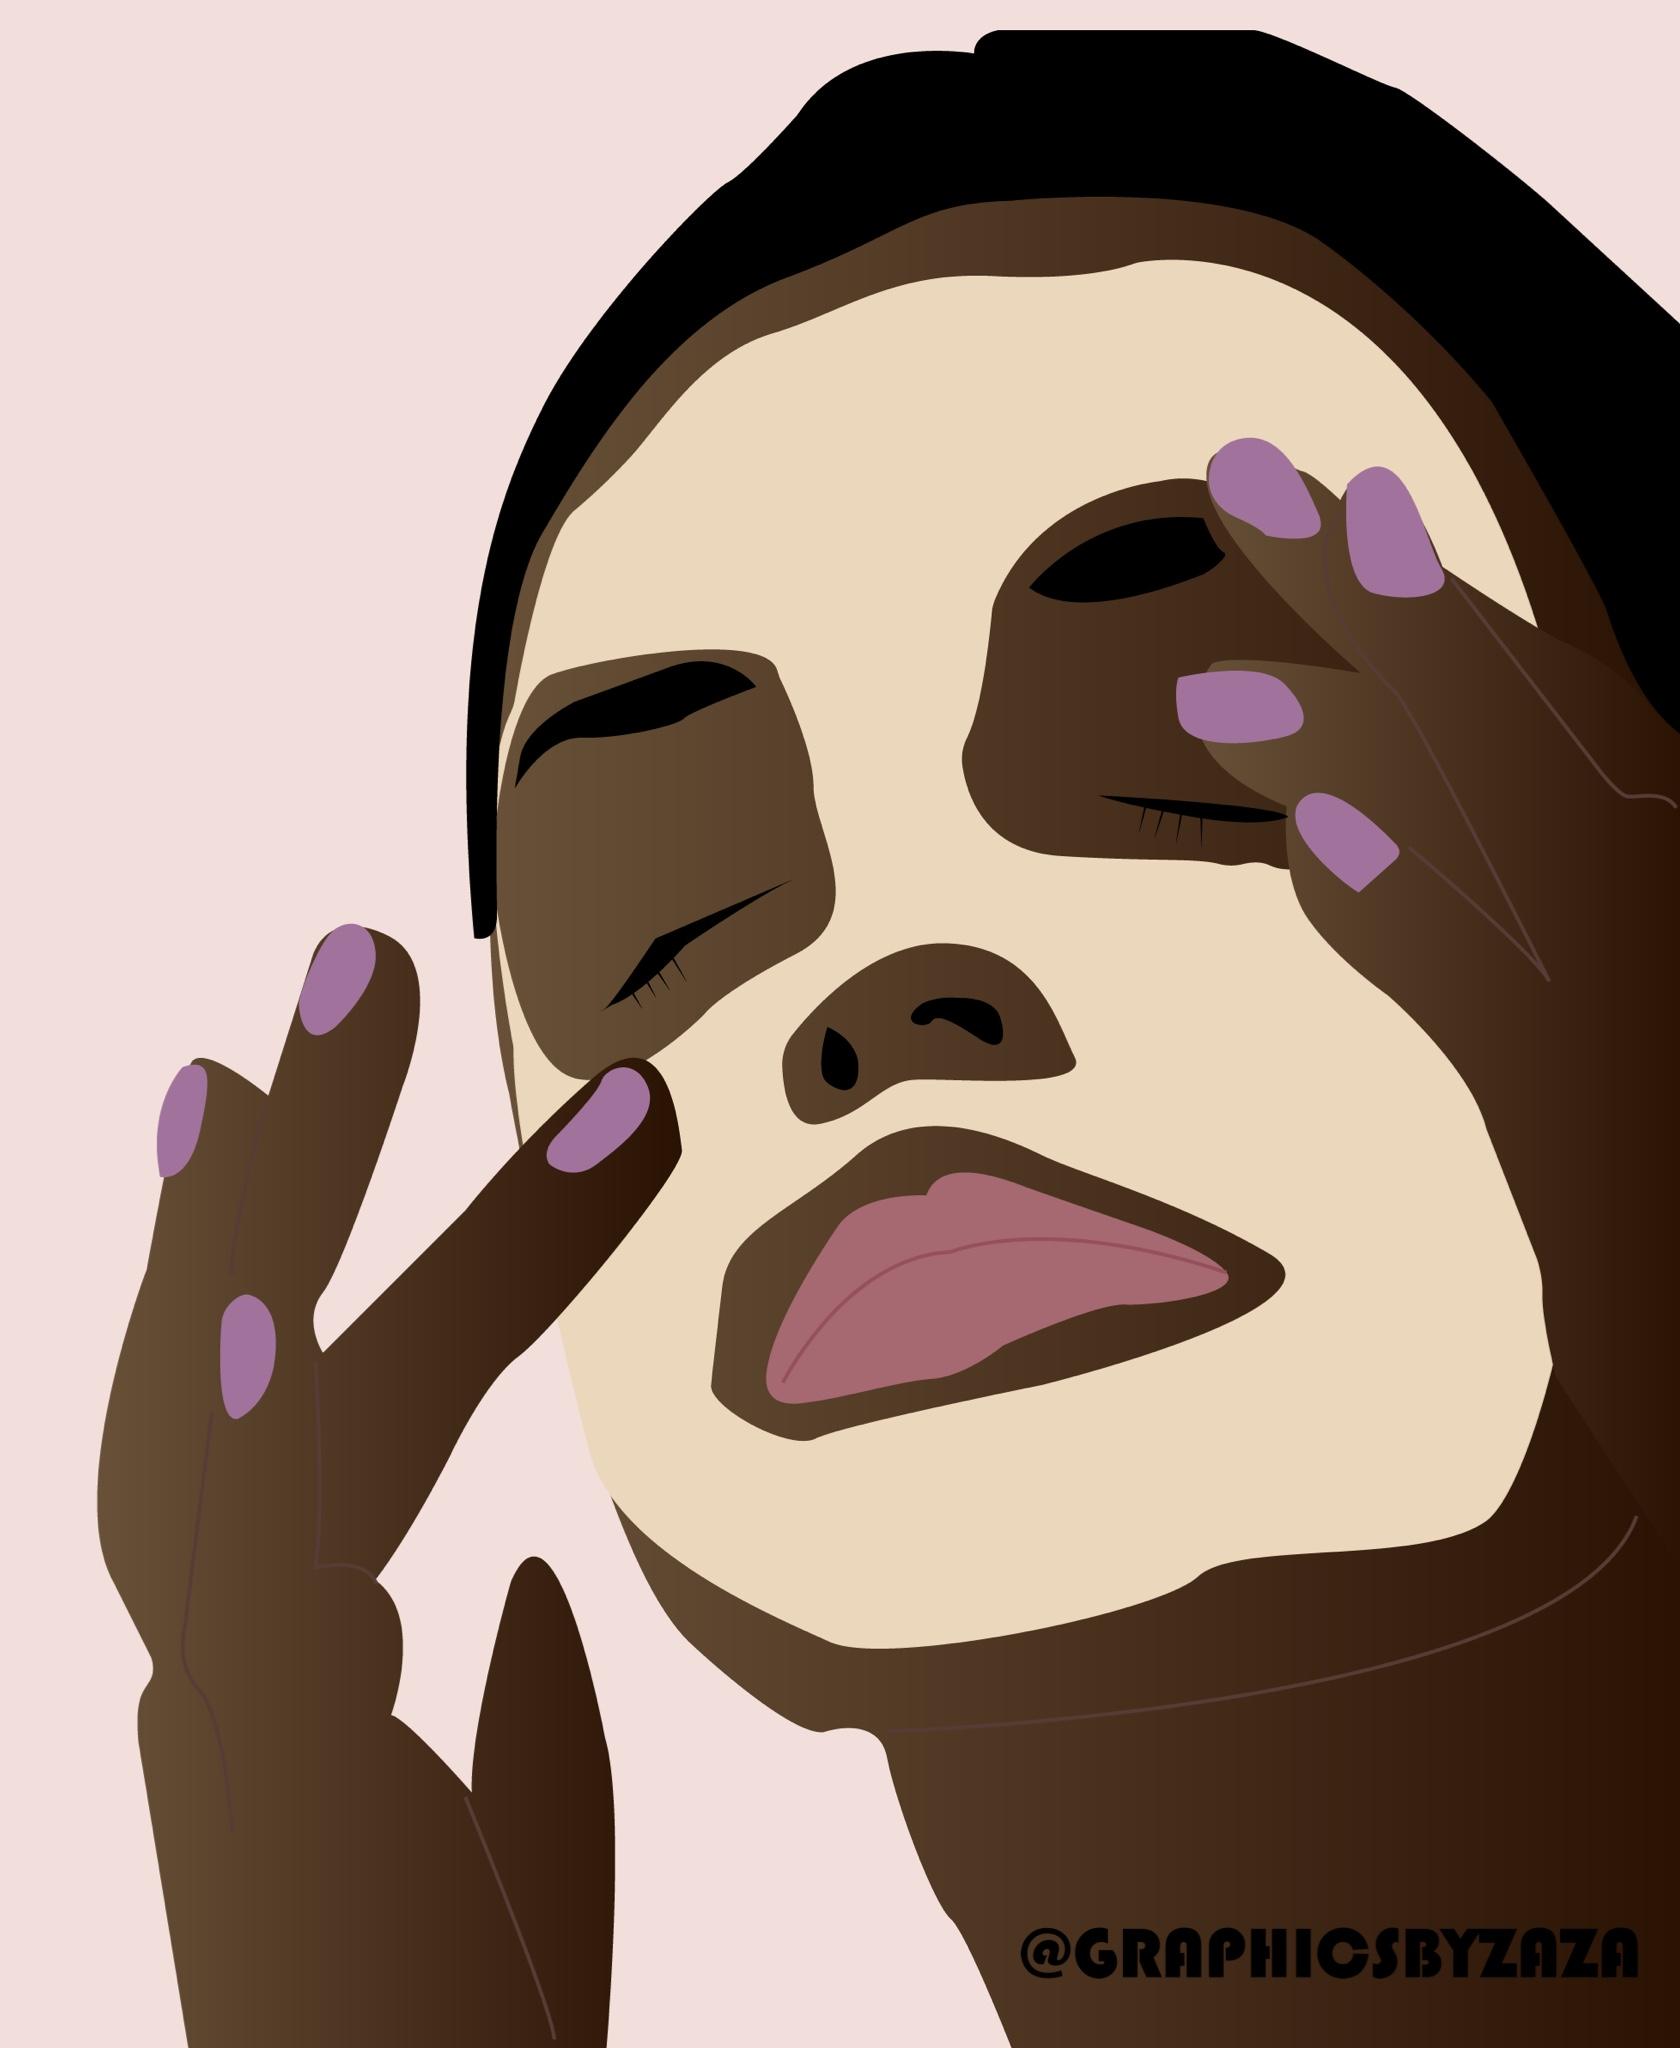 skincare graphic